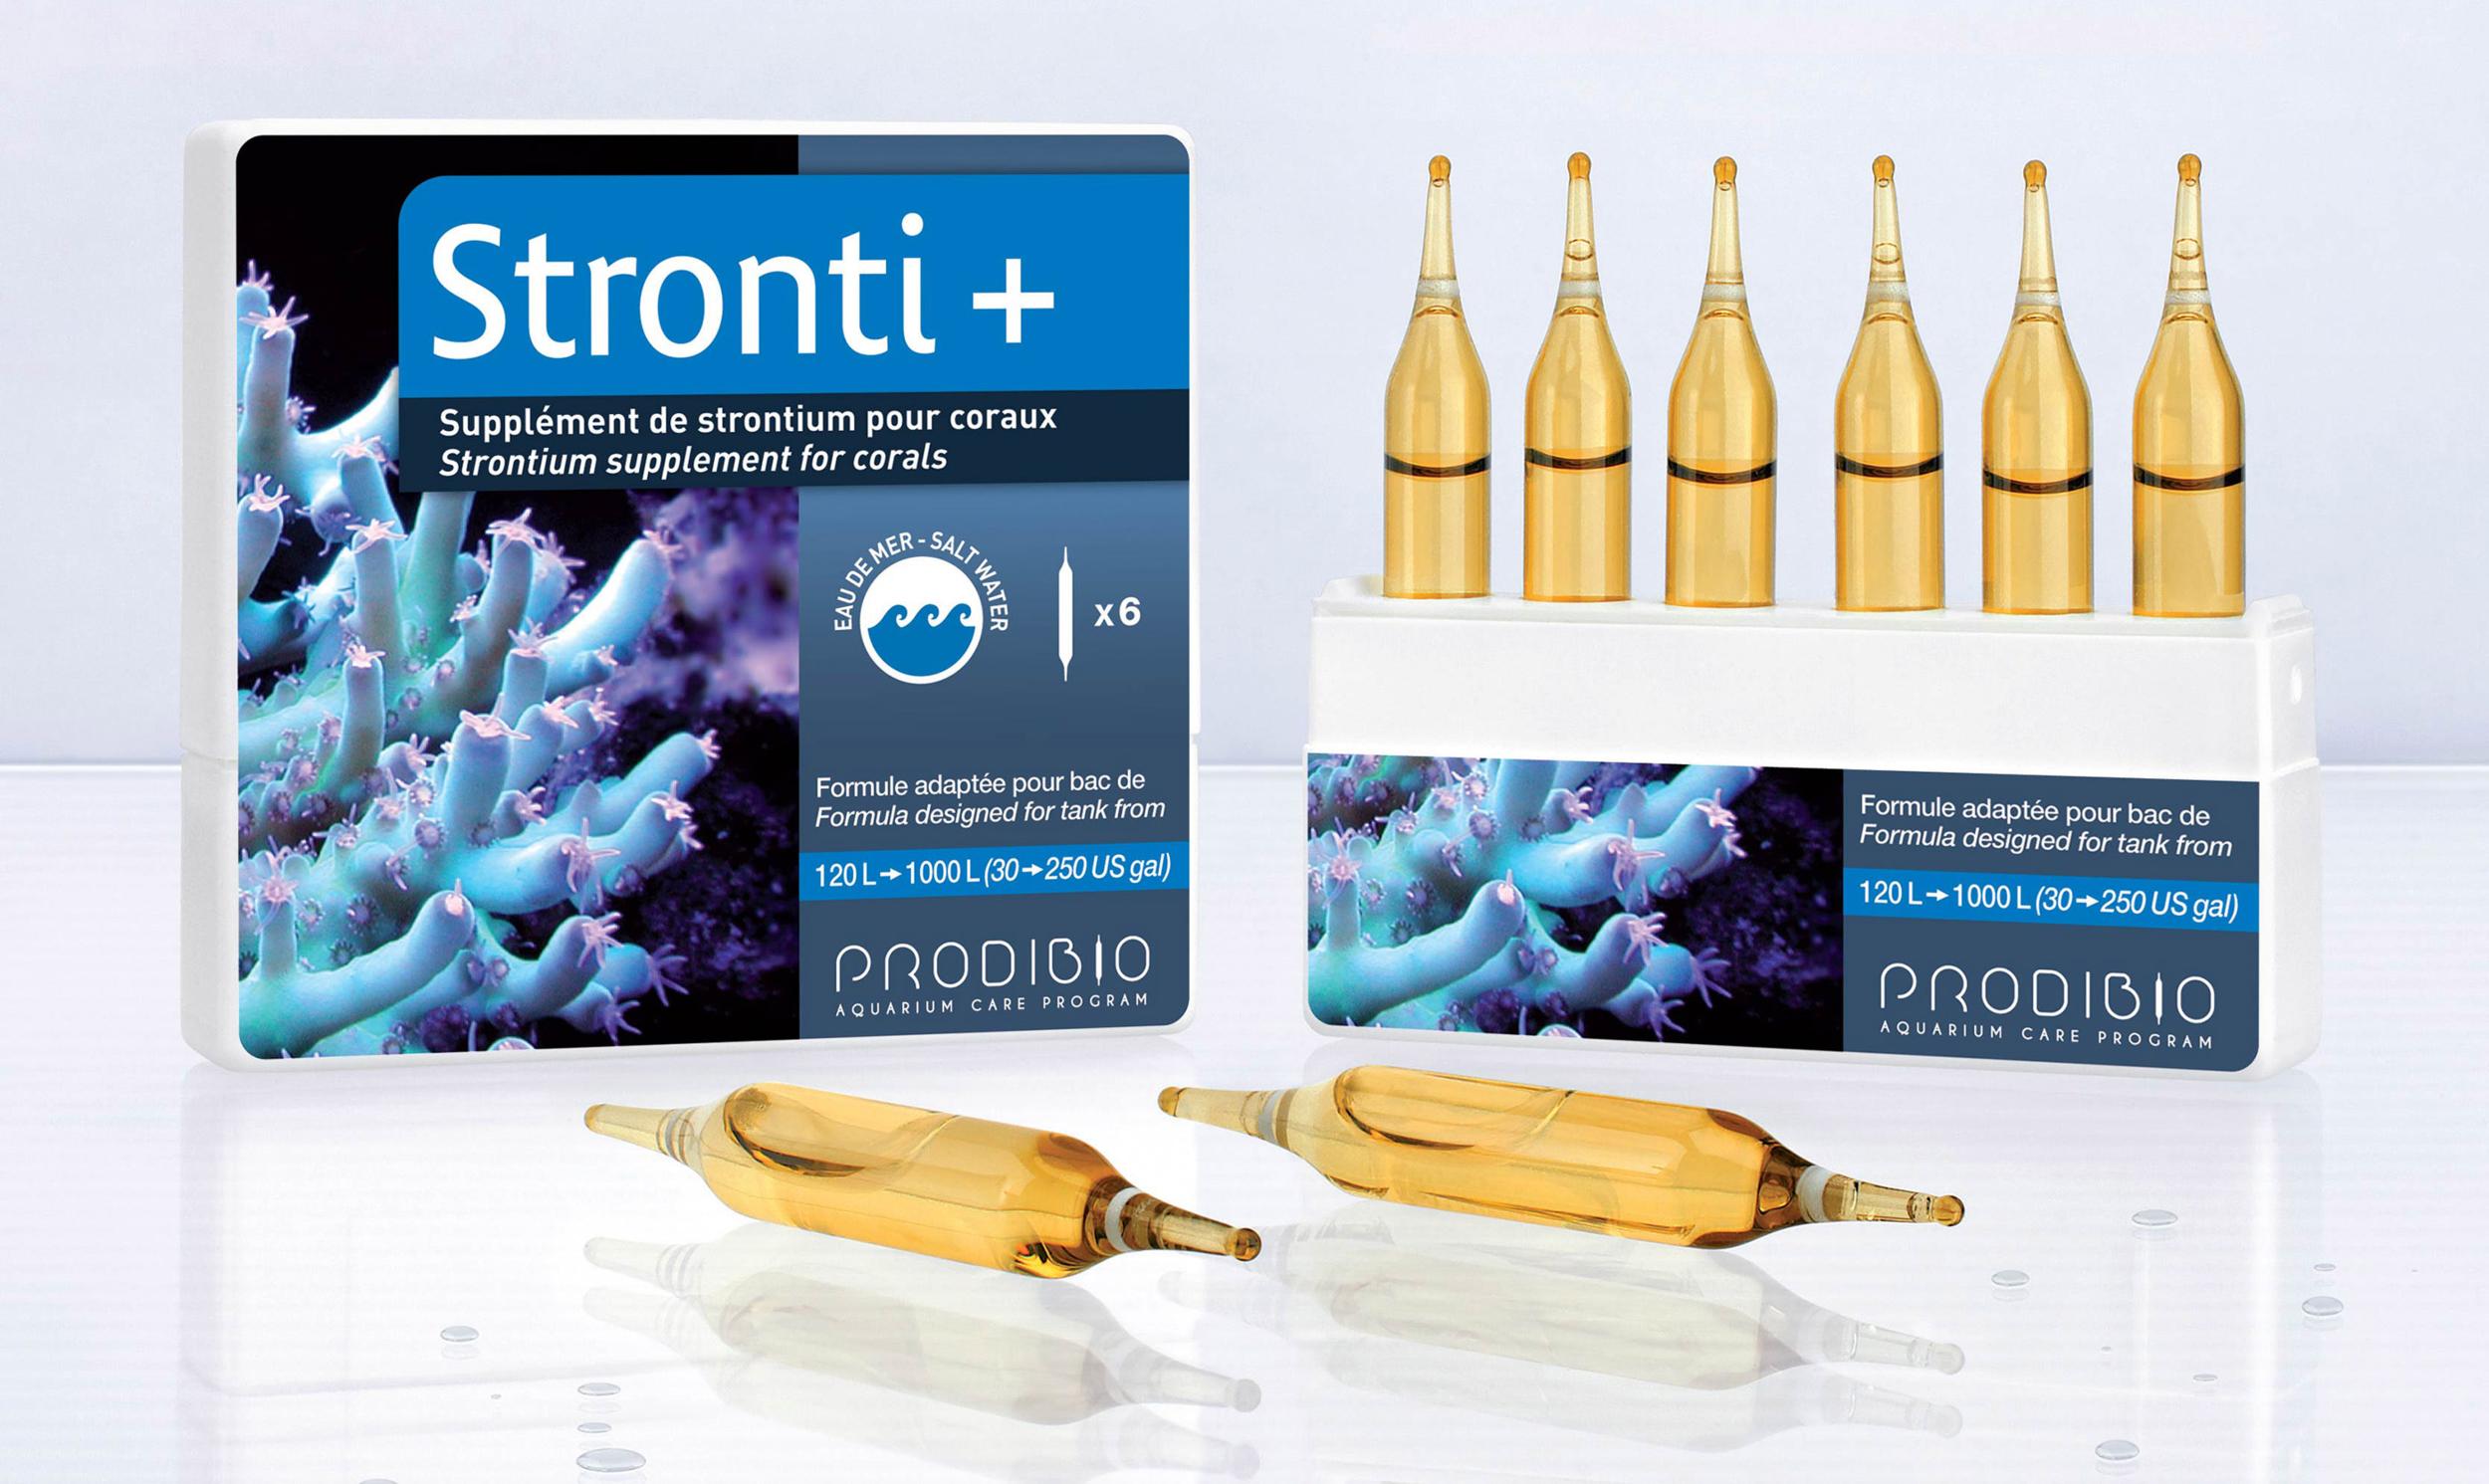 PRODIBIO Stronti + 6 ampoules supplément de strontium pour aquarium récifal. Traite jusqu\'à 1200 L